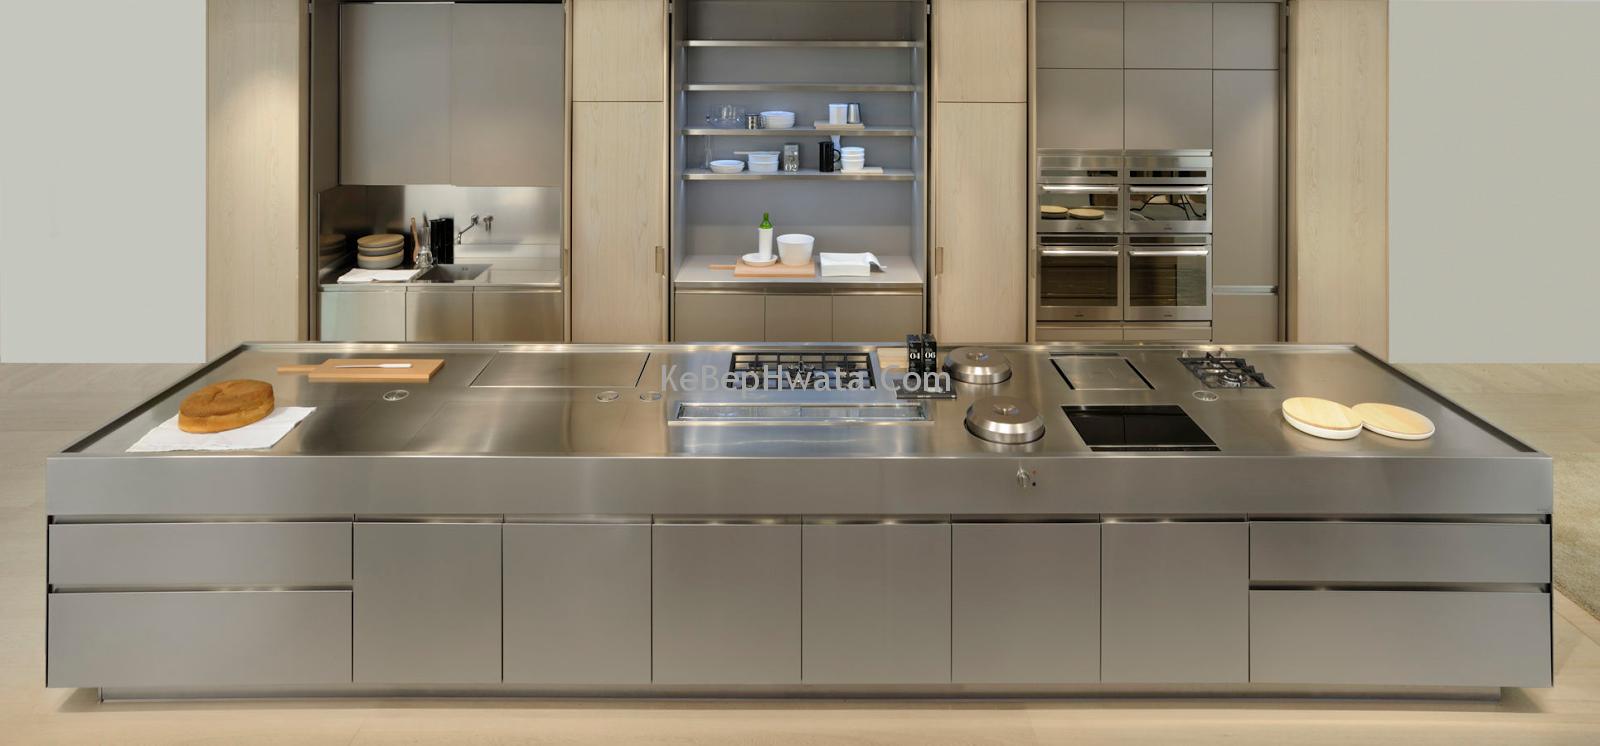 Tủ bếp inox tại Hwata chất lượng vượt trội, giá thành hợp lý.